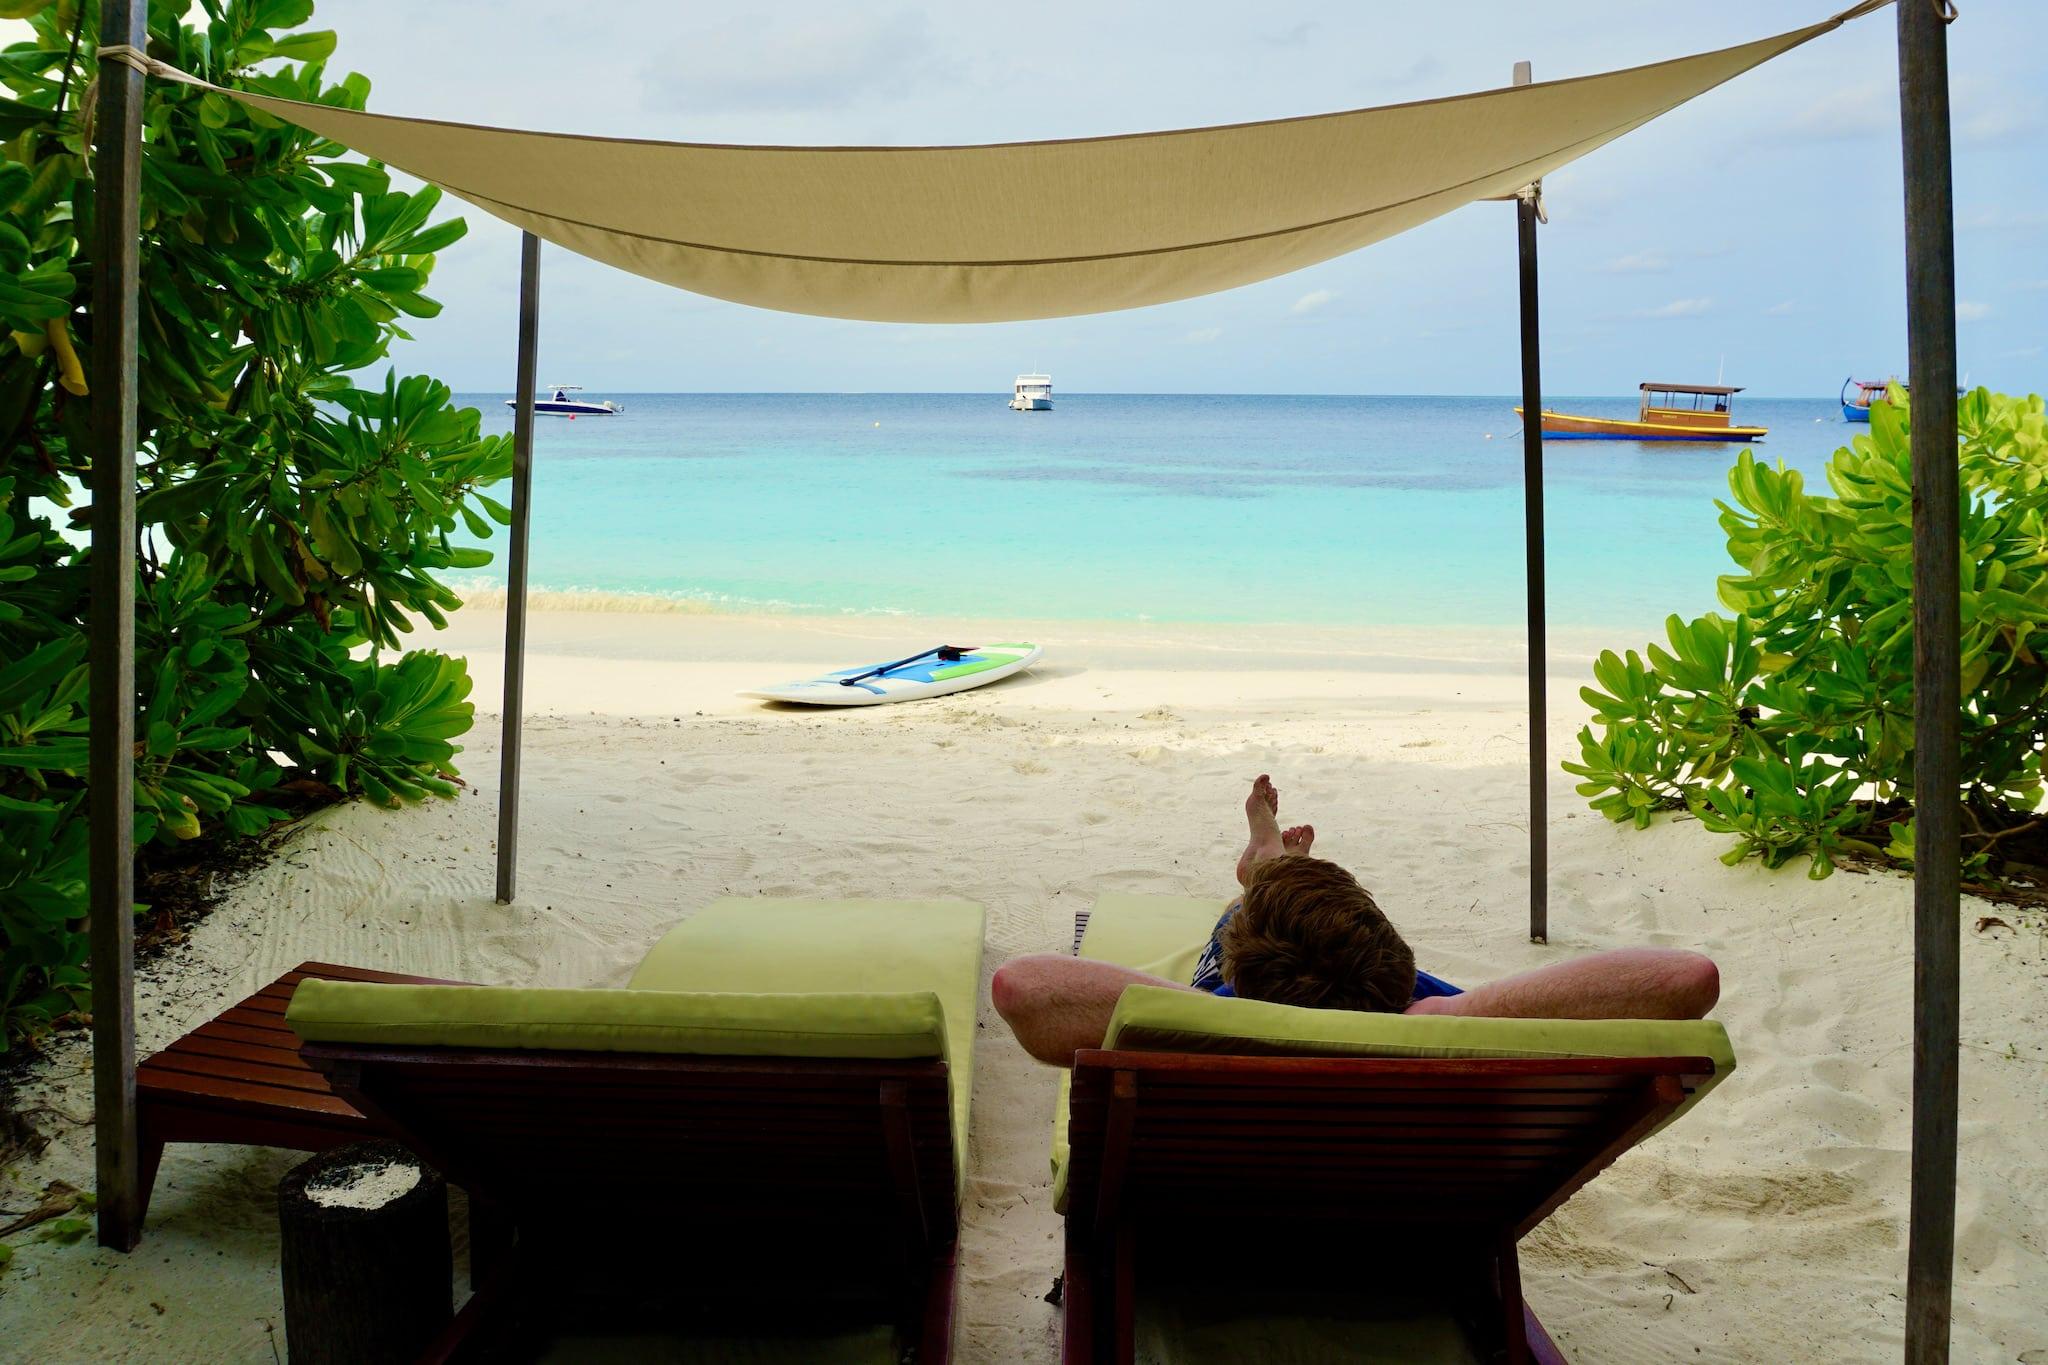 Einfach mal die Seele baumeln lassen und die tolle Unterkunft genießen – man muss auf den Malediven nicht unbedingt etwas unternehmen. Foto: Sascha Tegtmeyer Reisebericht Malediven Tipps